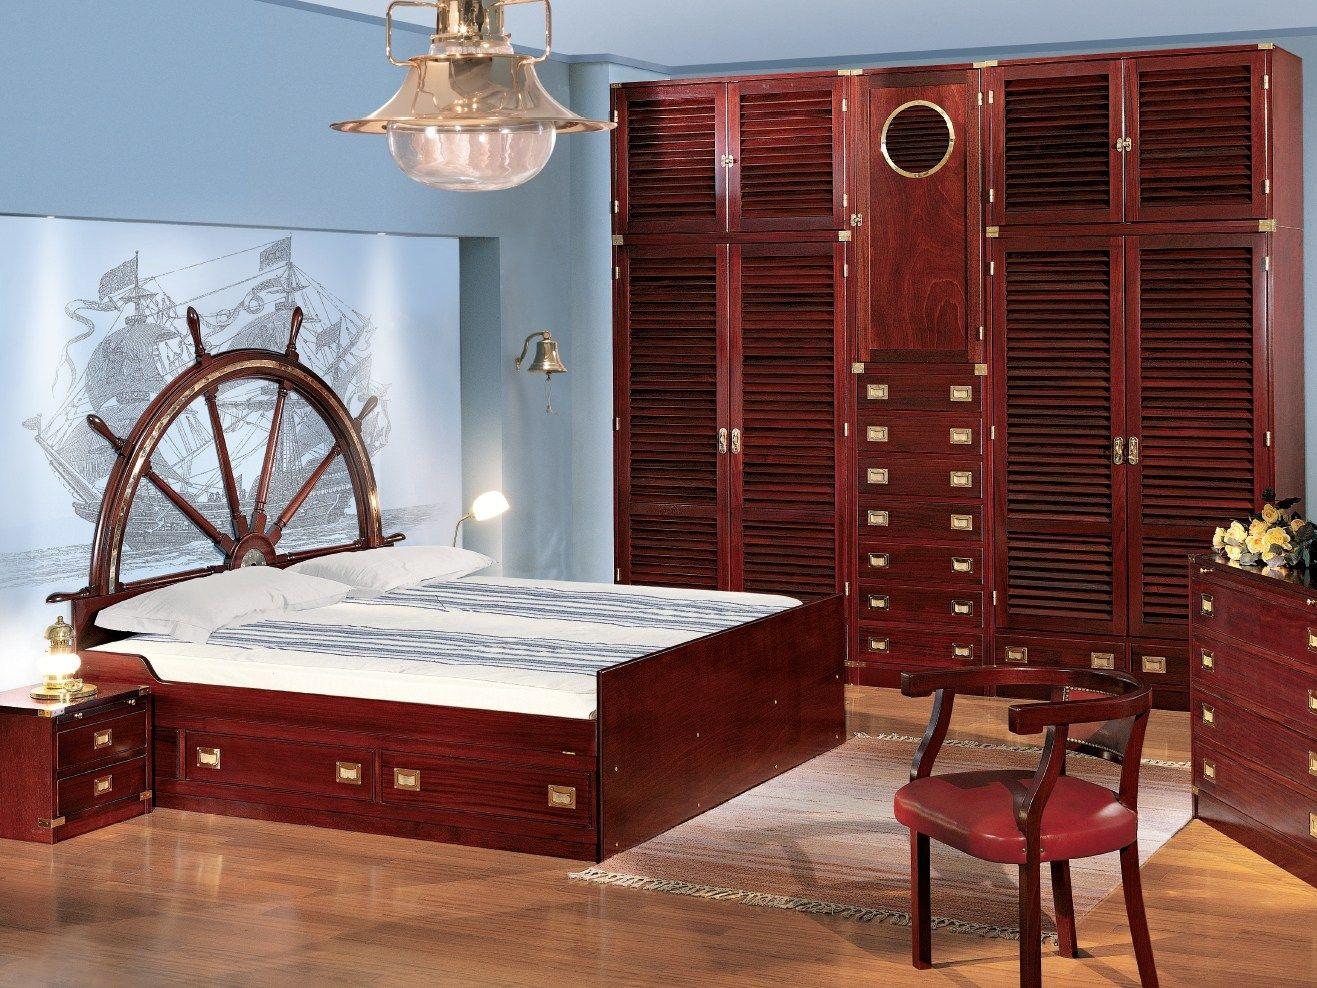 Camera da letto in legno 110 by caroti - Camera letto legno ...